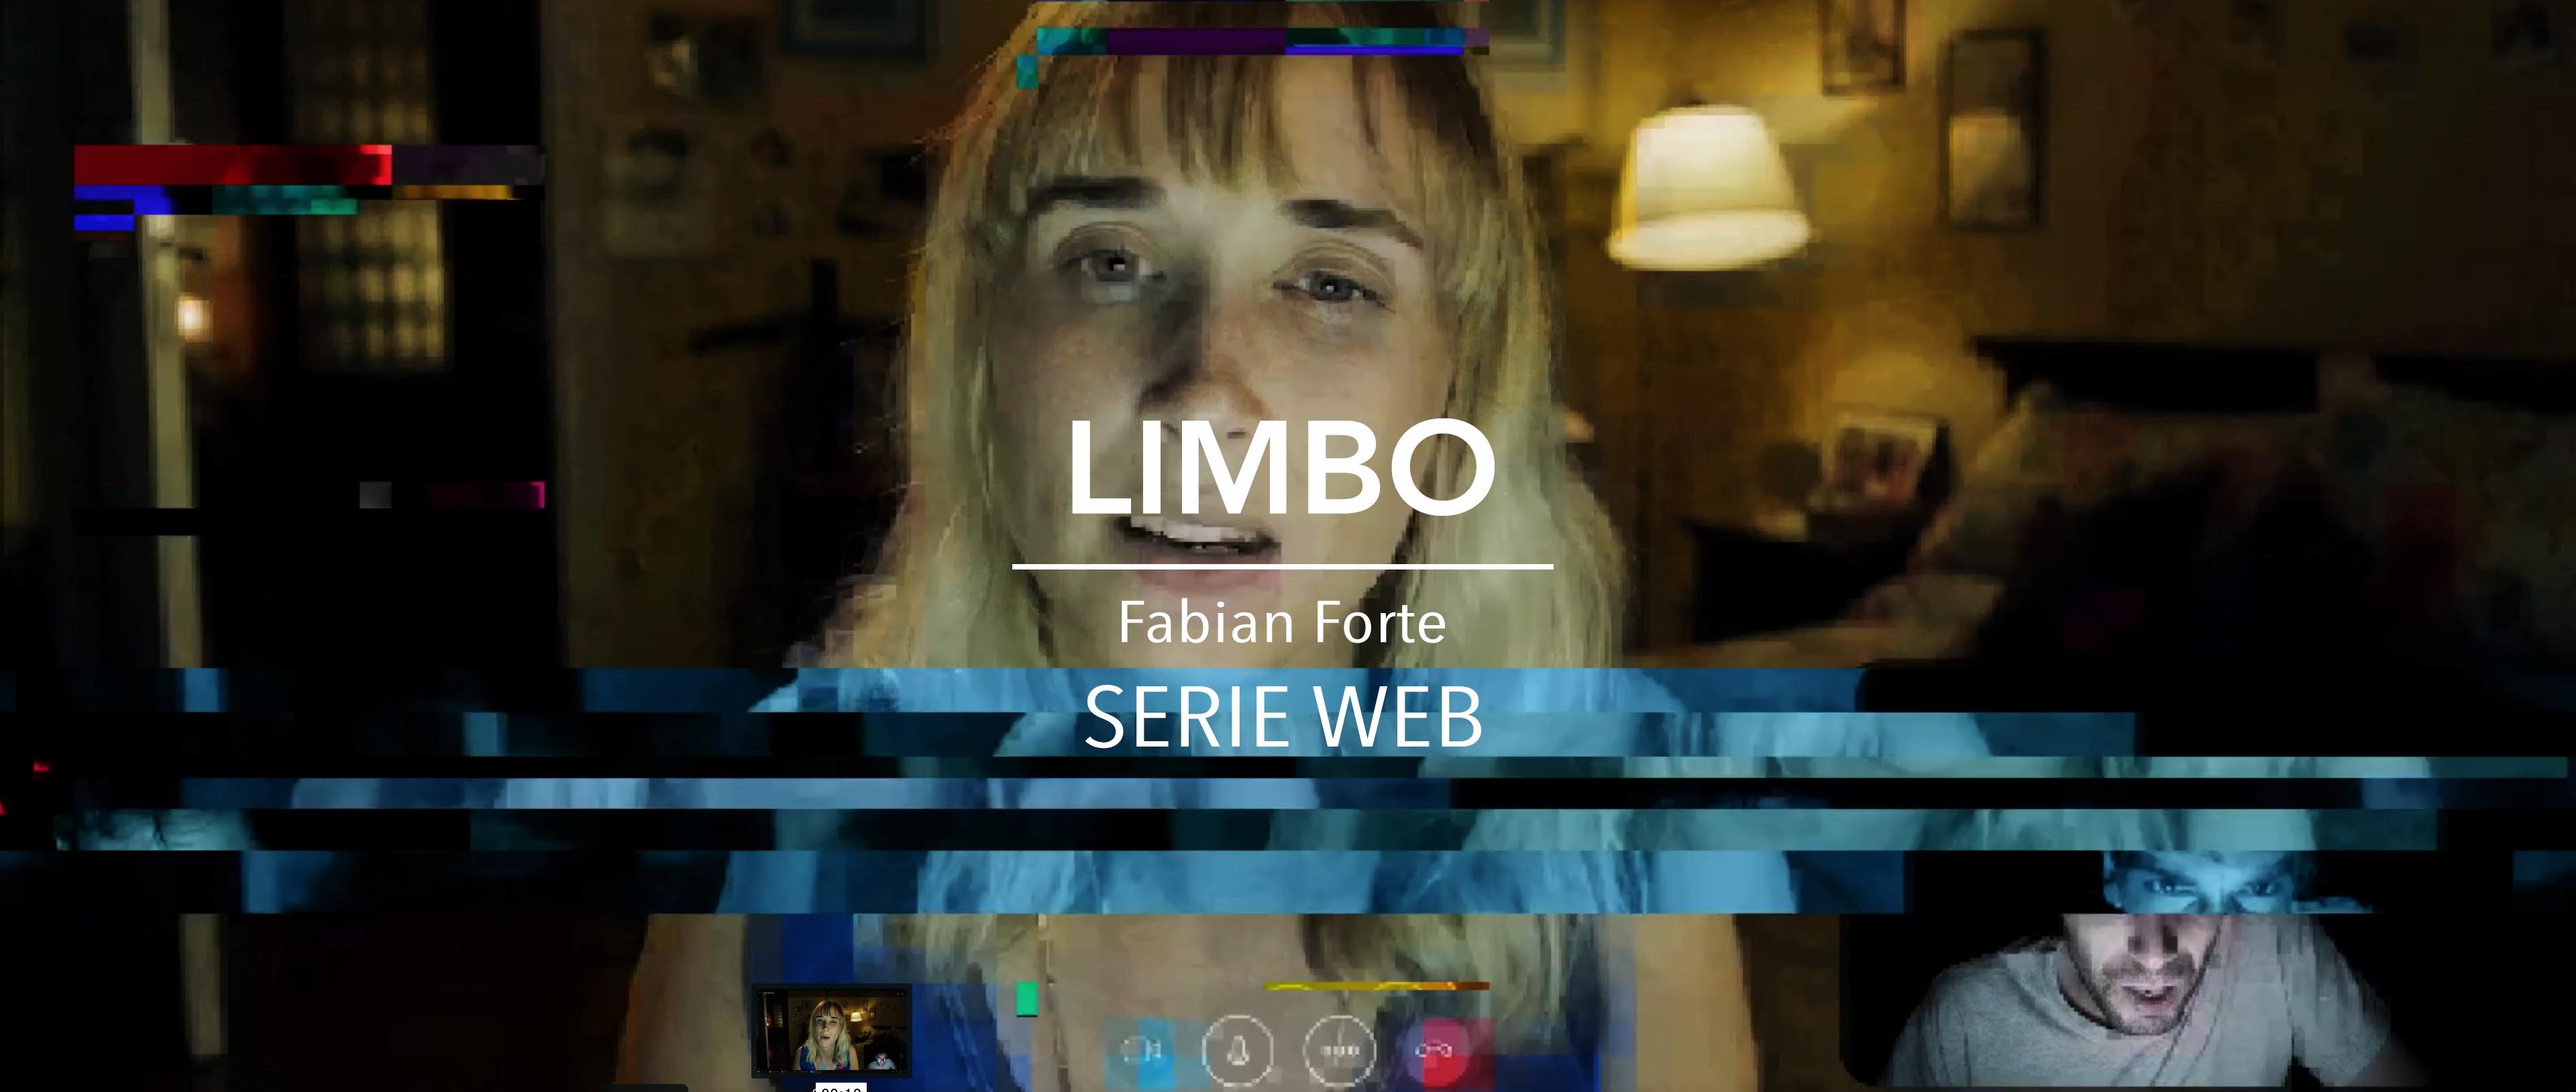 """""""Limbo"""", la serie web hispano-argentina que conjuga miedo y tecnología - Radio Cantilo"""